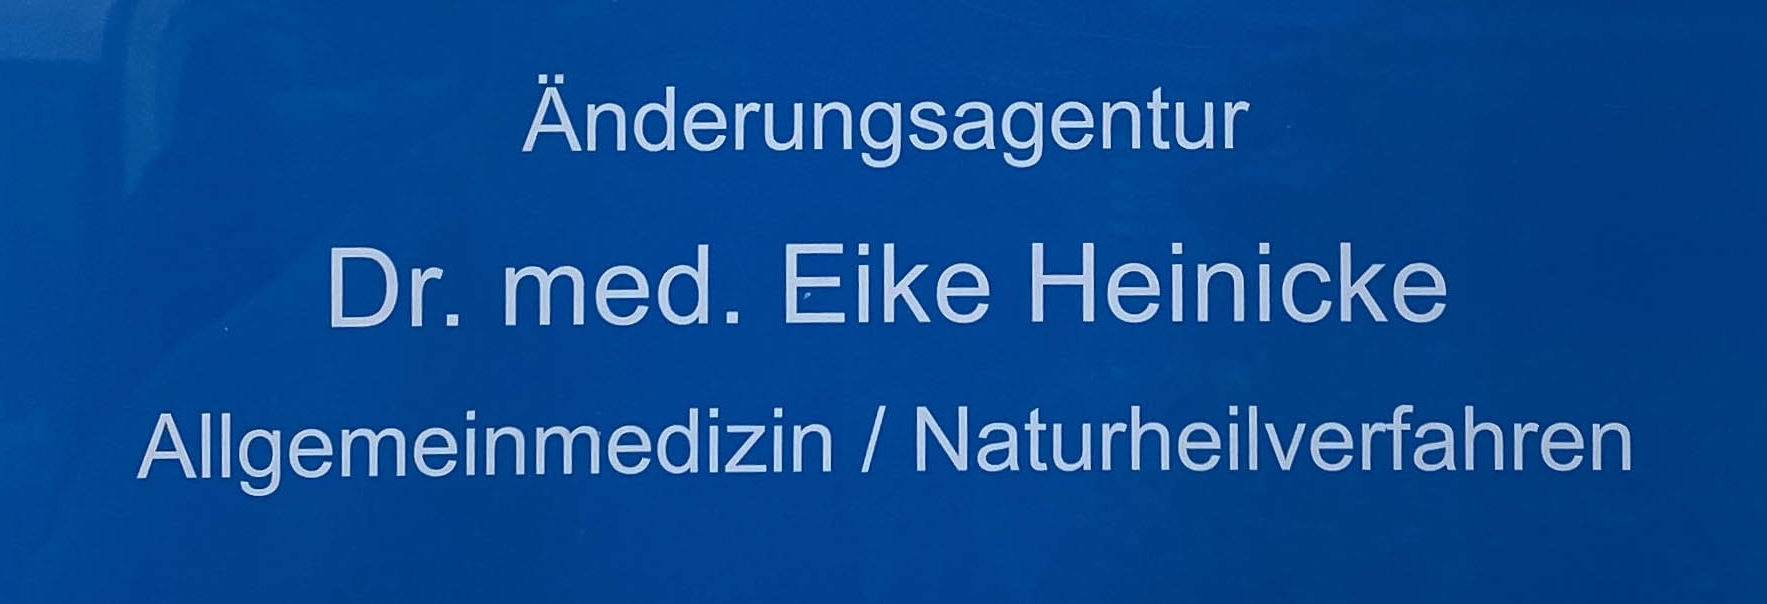 Praxisschild vom AMM-Netzwerkpartner Änderungsagentur Dr. med. Eike Heinicke